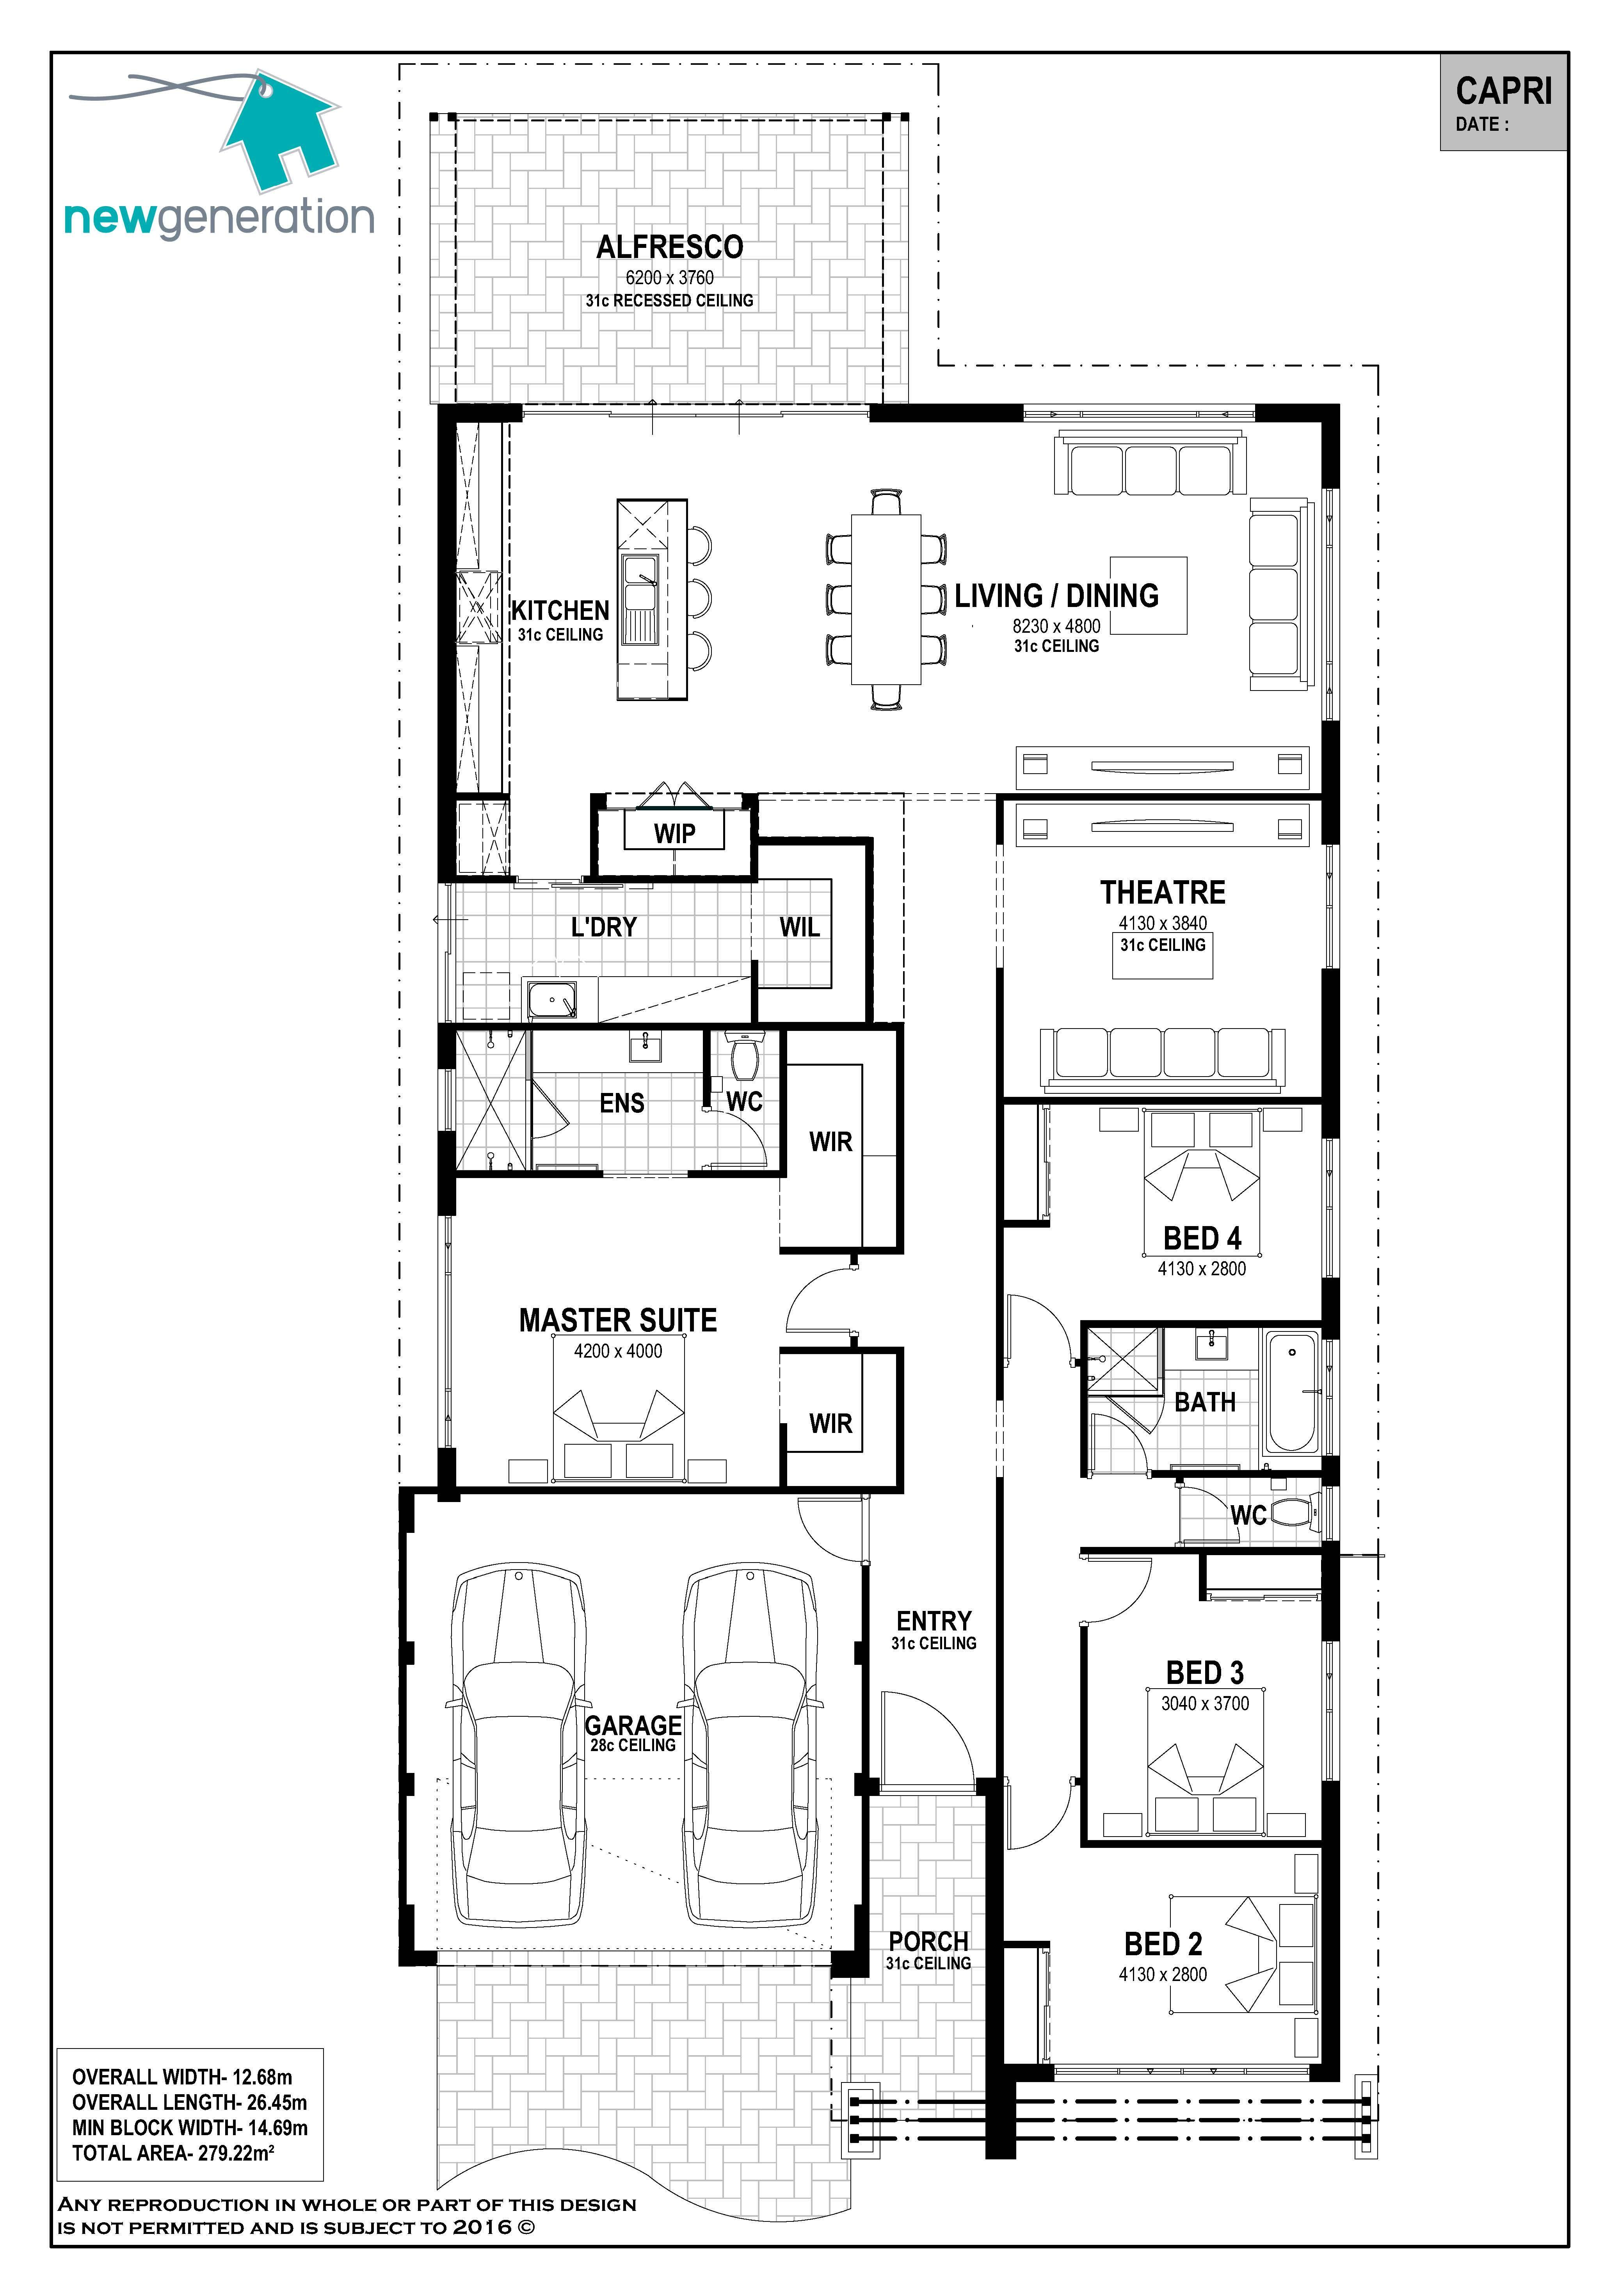 Capri New Generation Homes Best House Plans House Blueprints House Plans